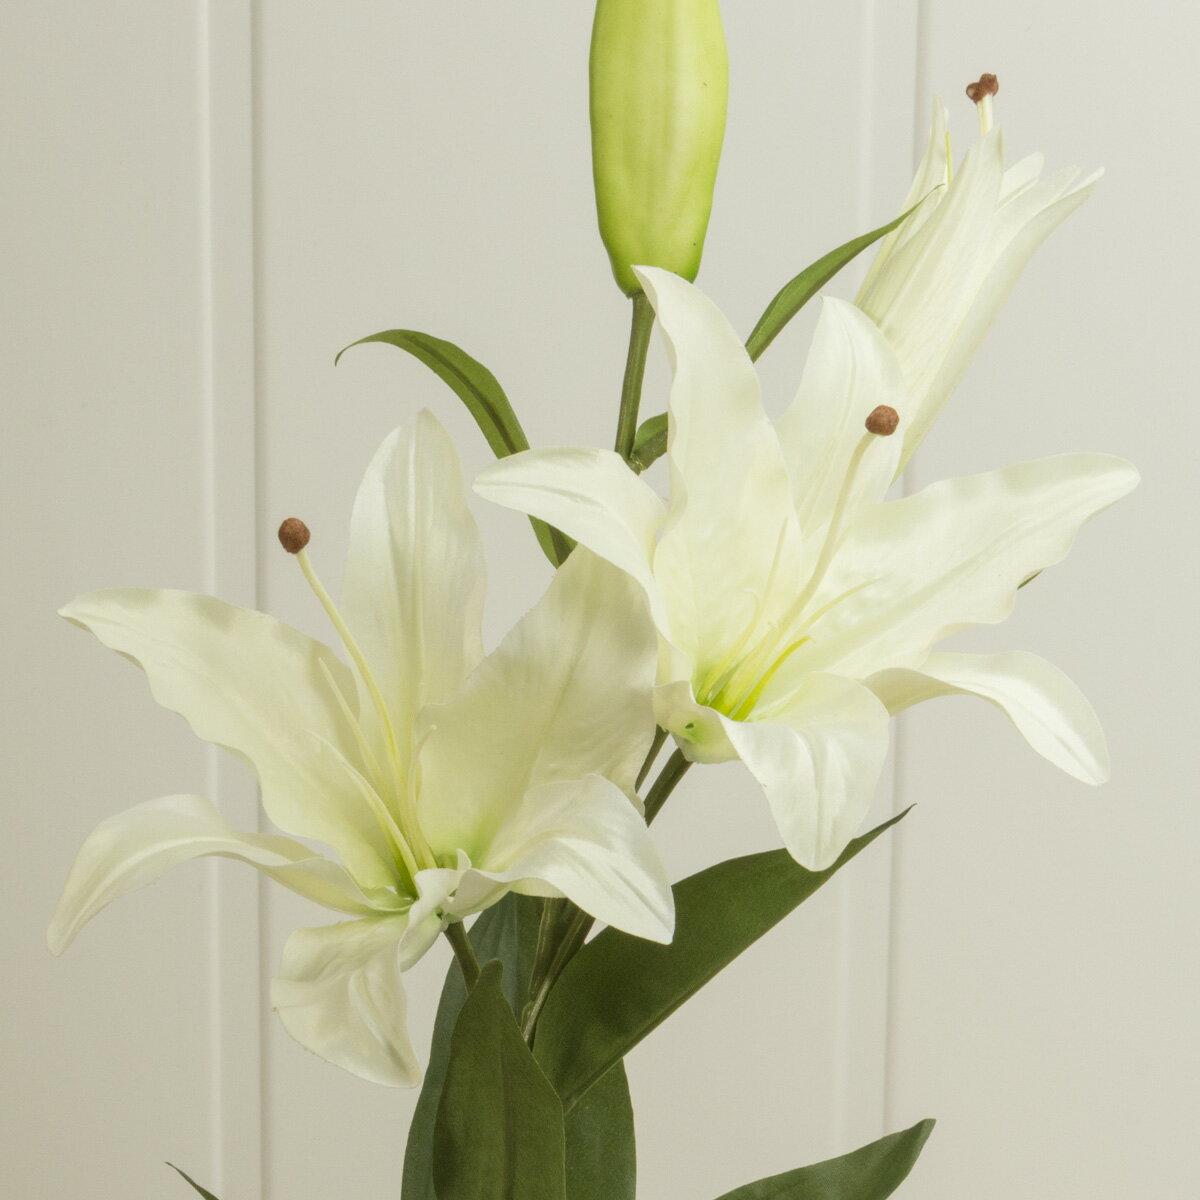 即日★【造花】YDM/カサブランカ×2/FA6215-W《 造花(アーティフィシャルフラワー) 造花 花材「か行」 カサブランカ 》